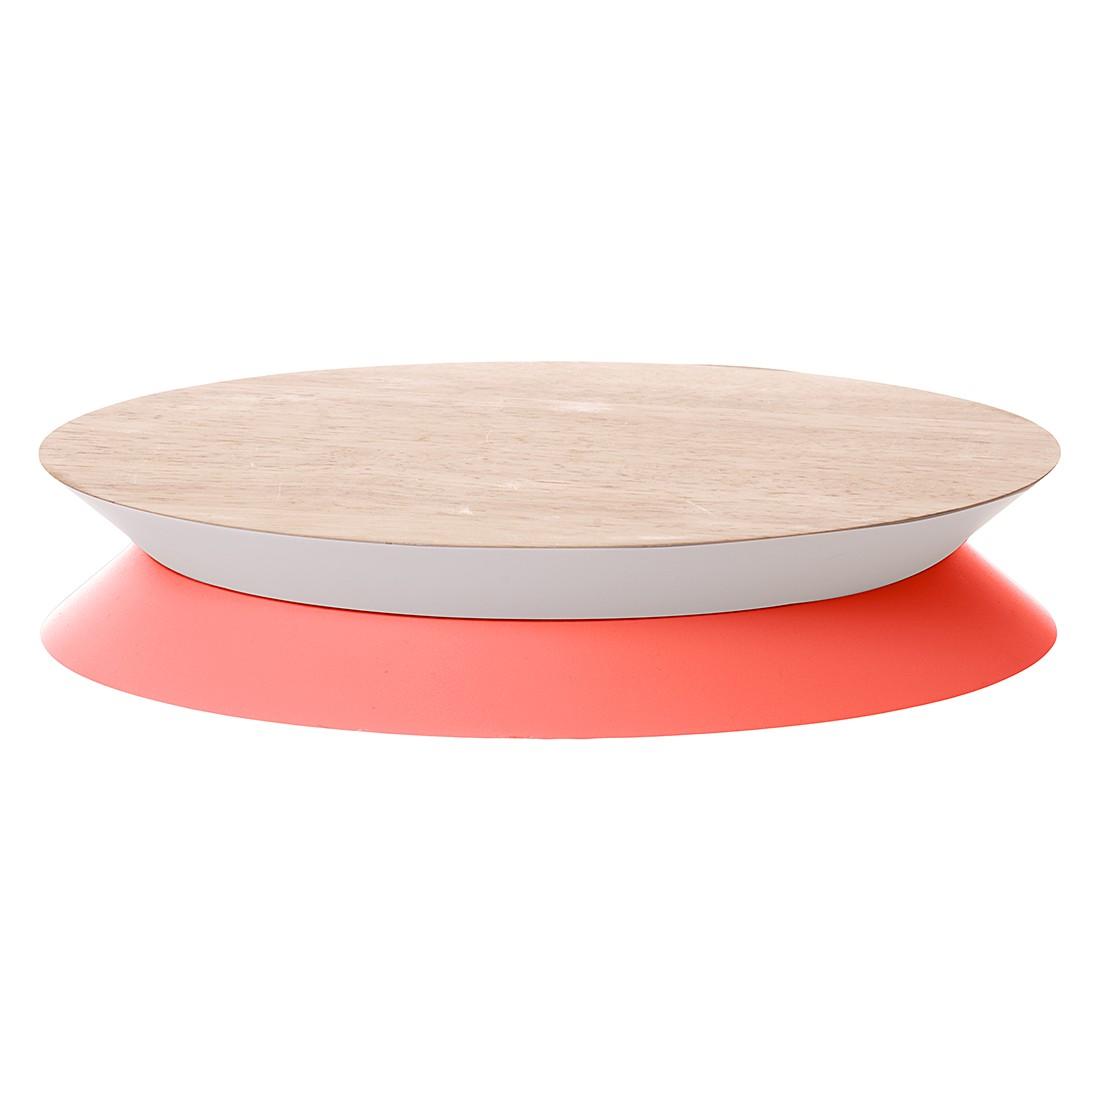 Kuchenplatte Yoyo – Holz/Neonorange/Minzgrün, Present Time günstig bestellen